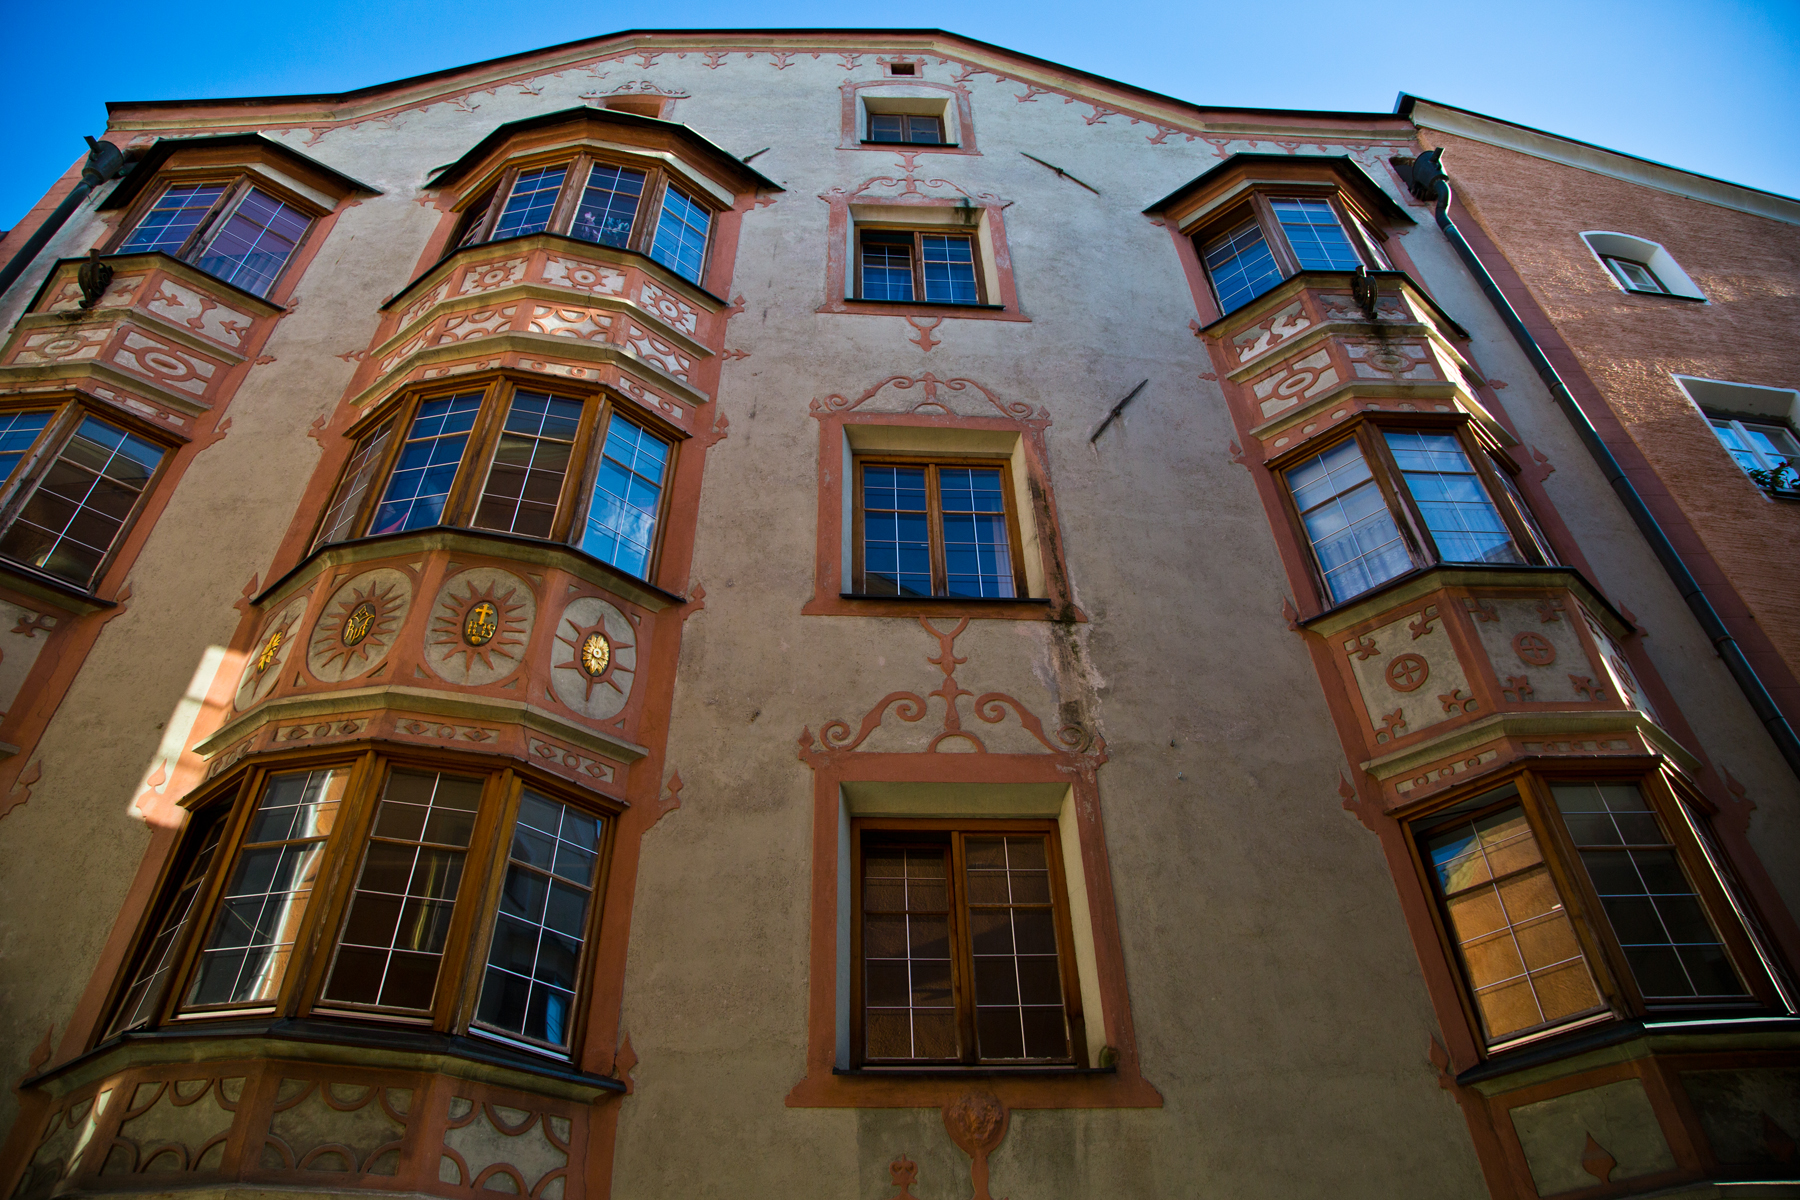 Reich verziertes Bürgerhaus - Hall in Tirol